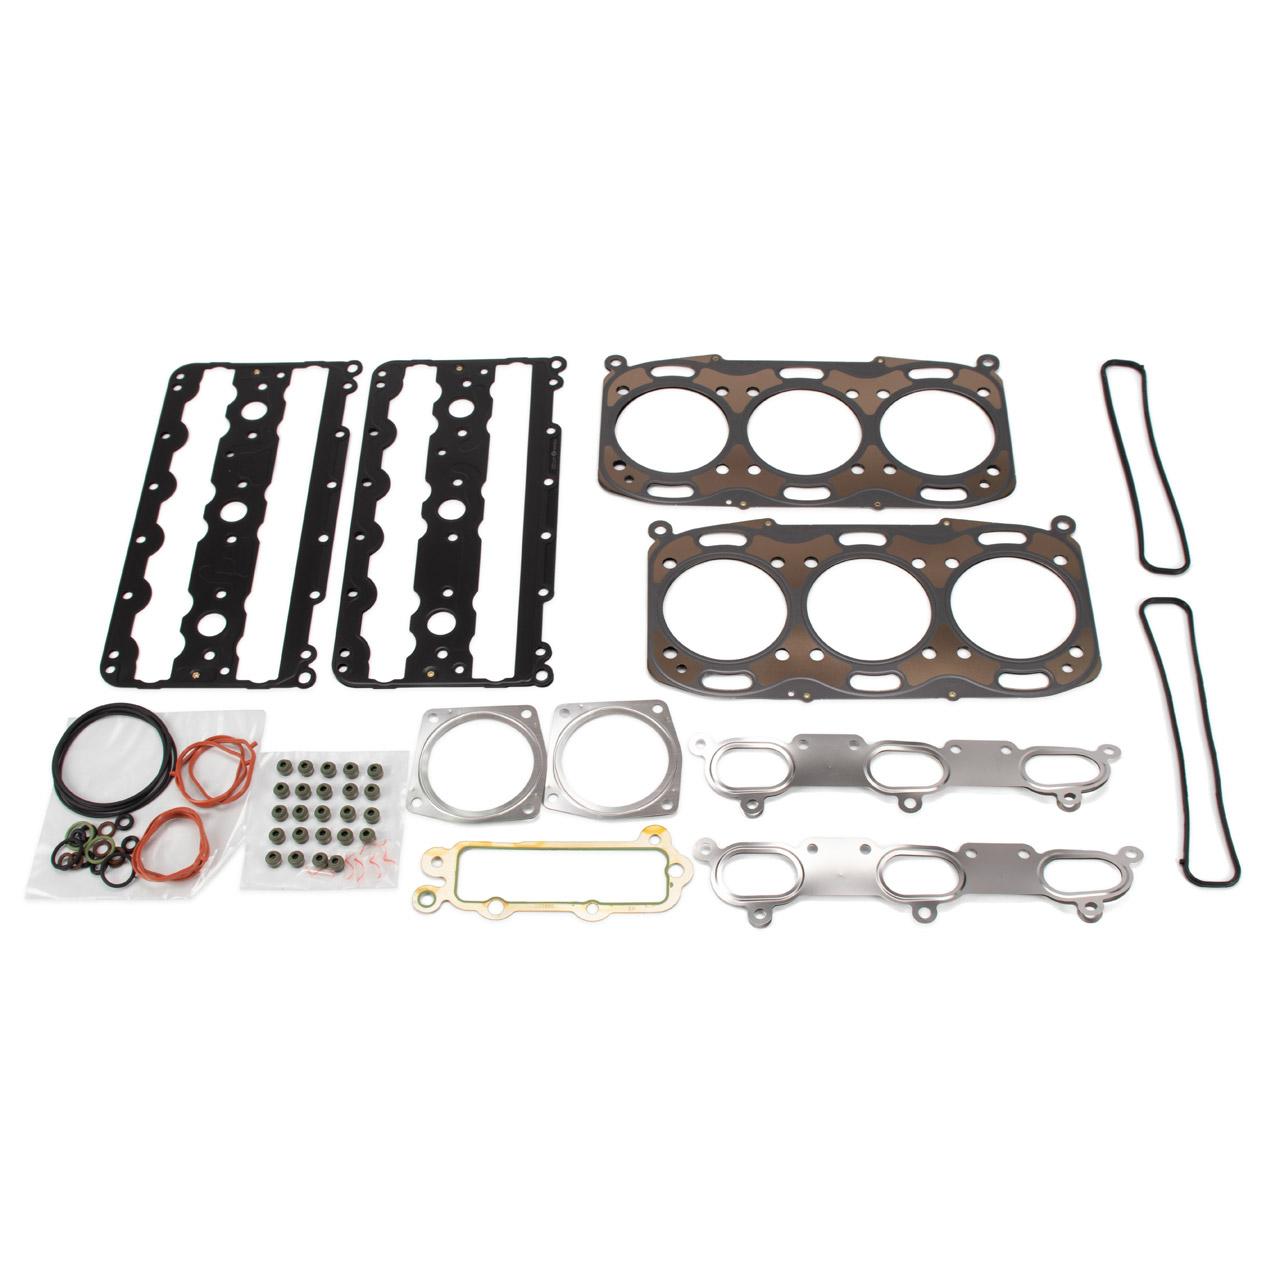 ELRING 485.060 Zylinderkopfdichtung Satz für PORSCHE 911 (997) 3.6 Turbo/GT2/RS